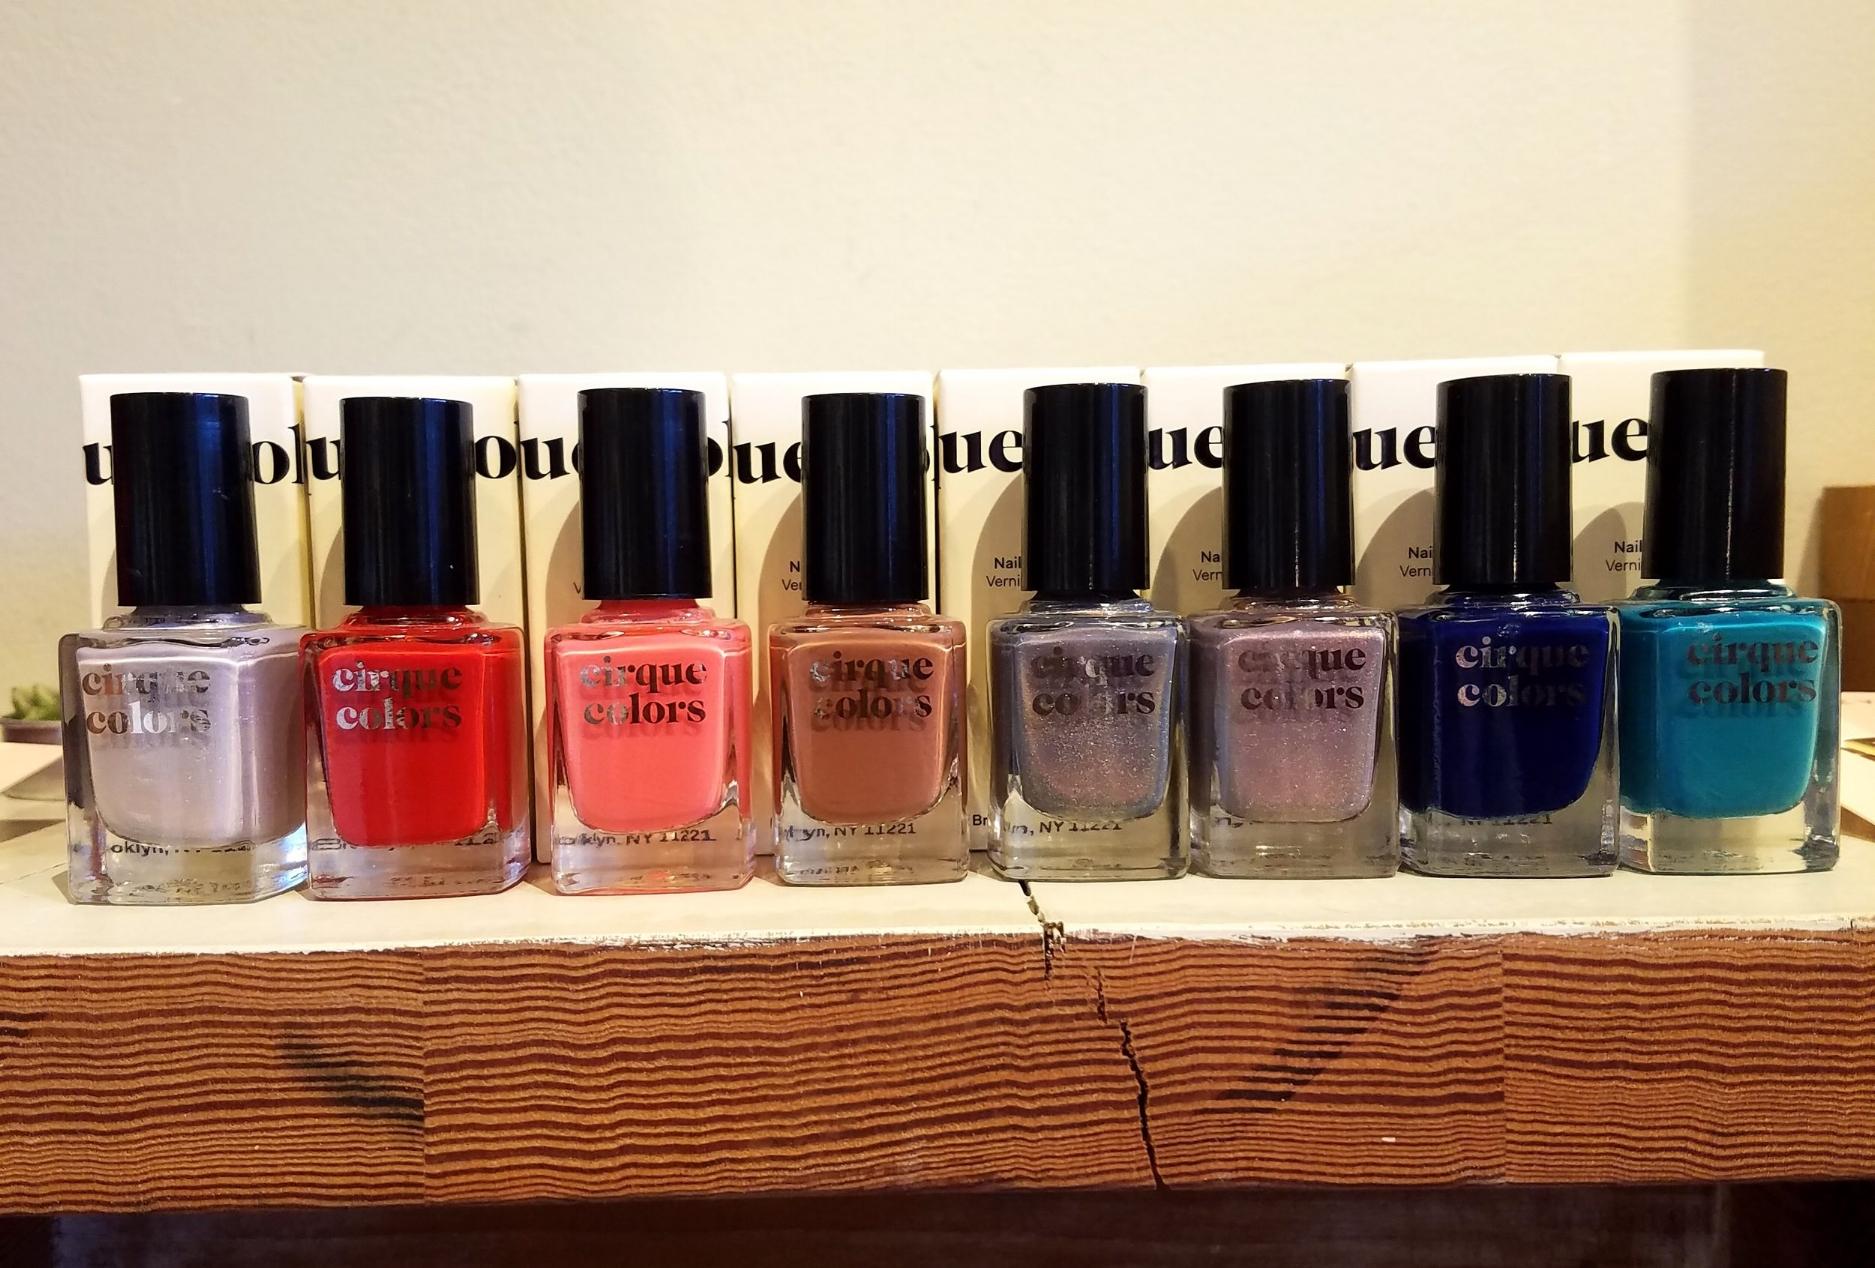 Cirque Colors nail polish will make anyone smile. $15